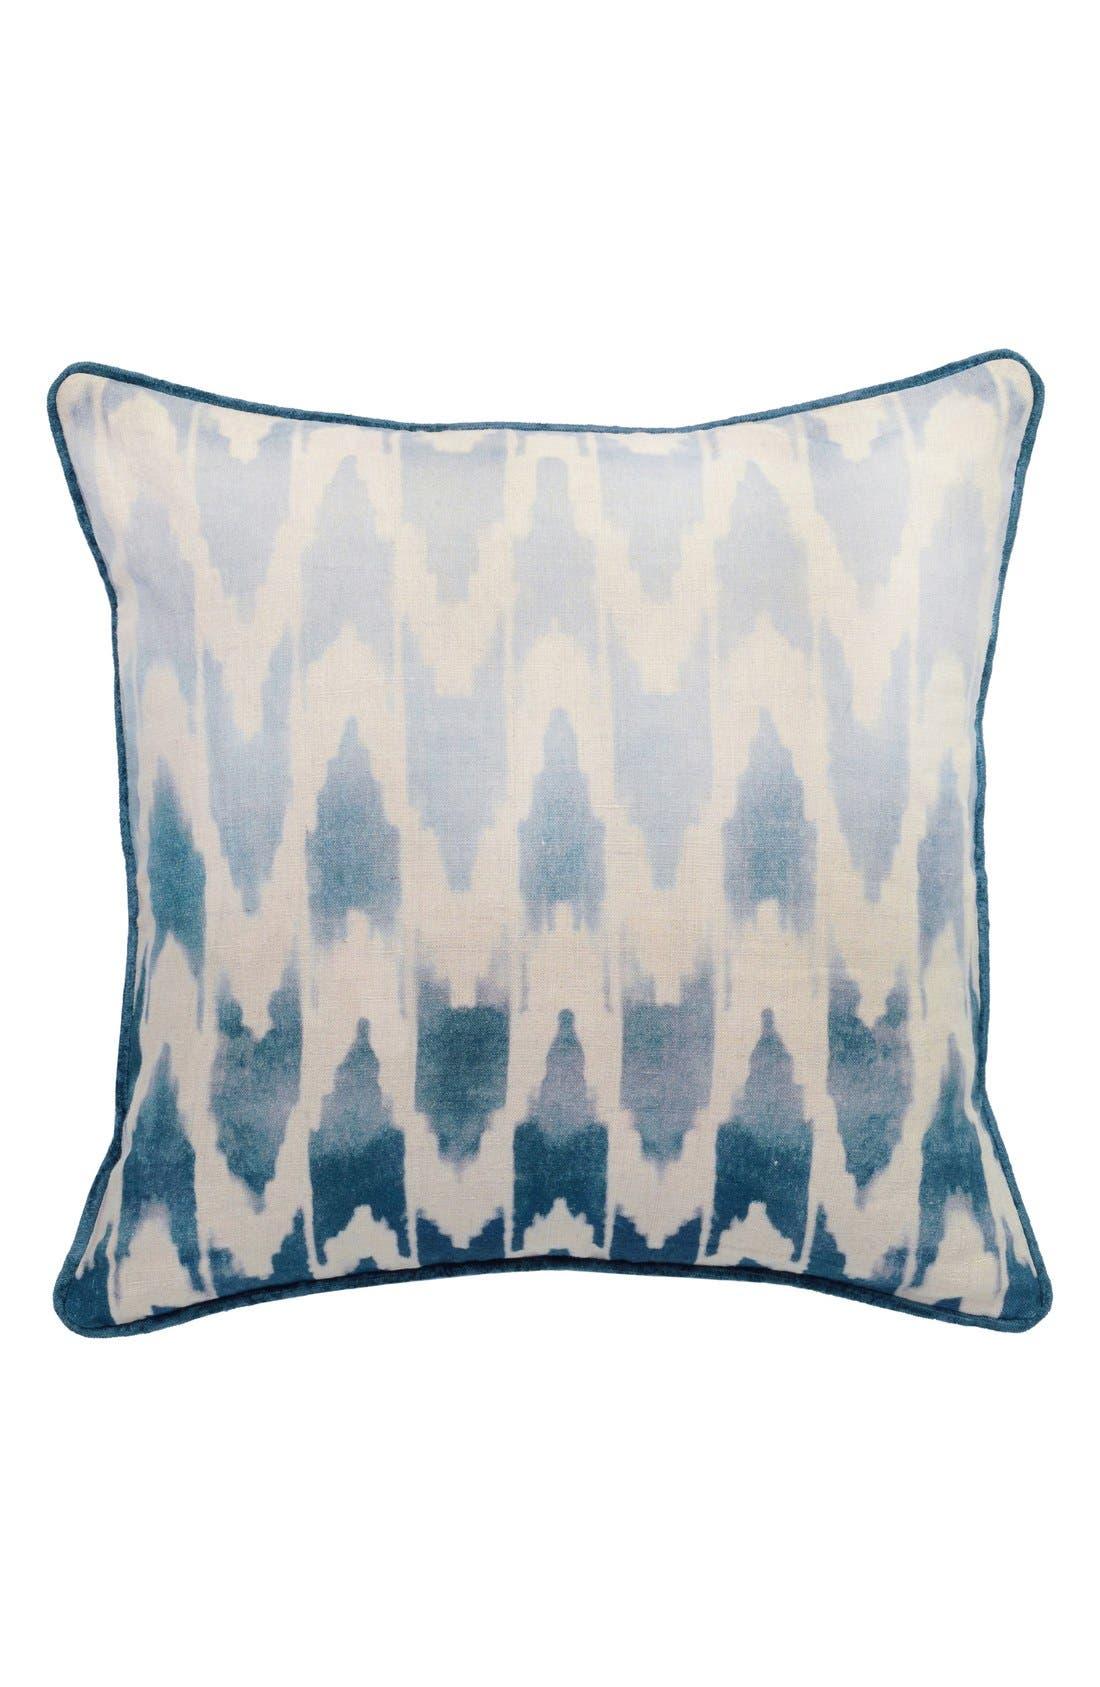 Villa Home Collection 'Neva' Decorative Pillow